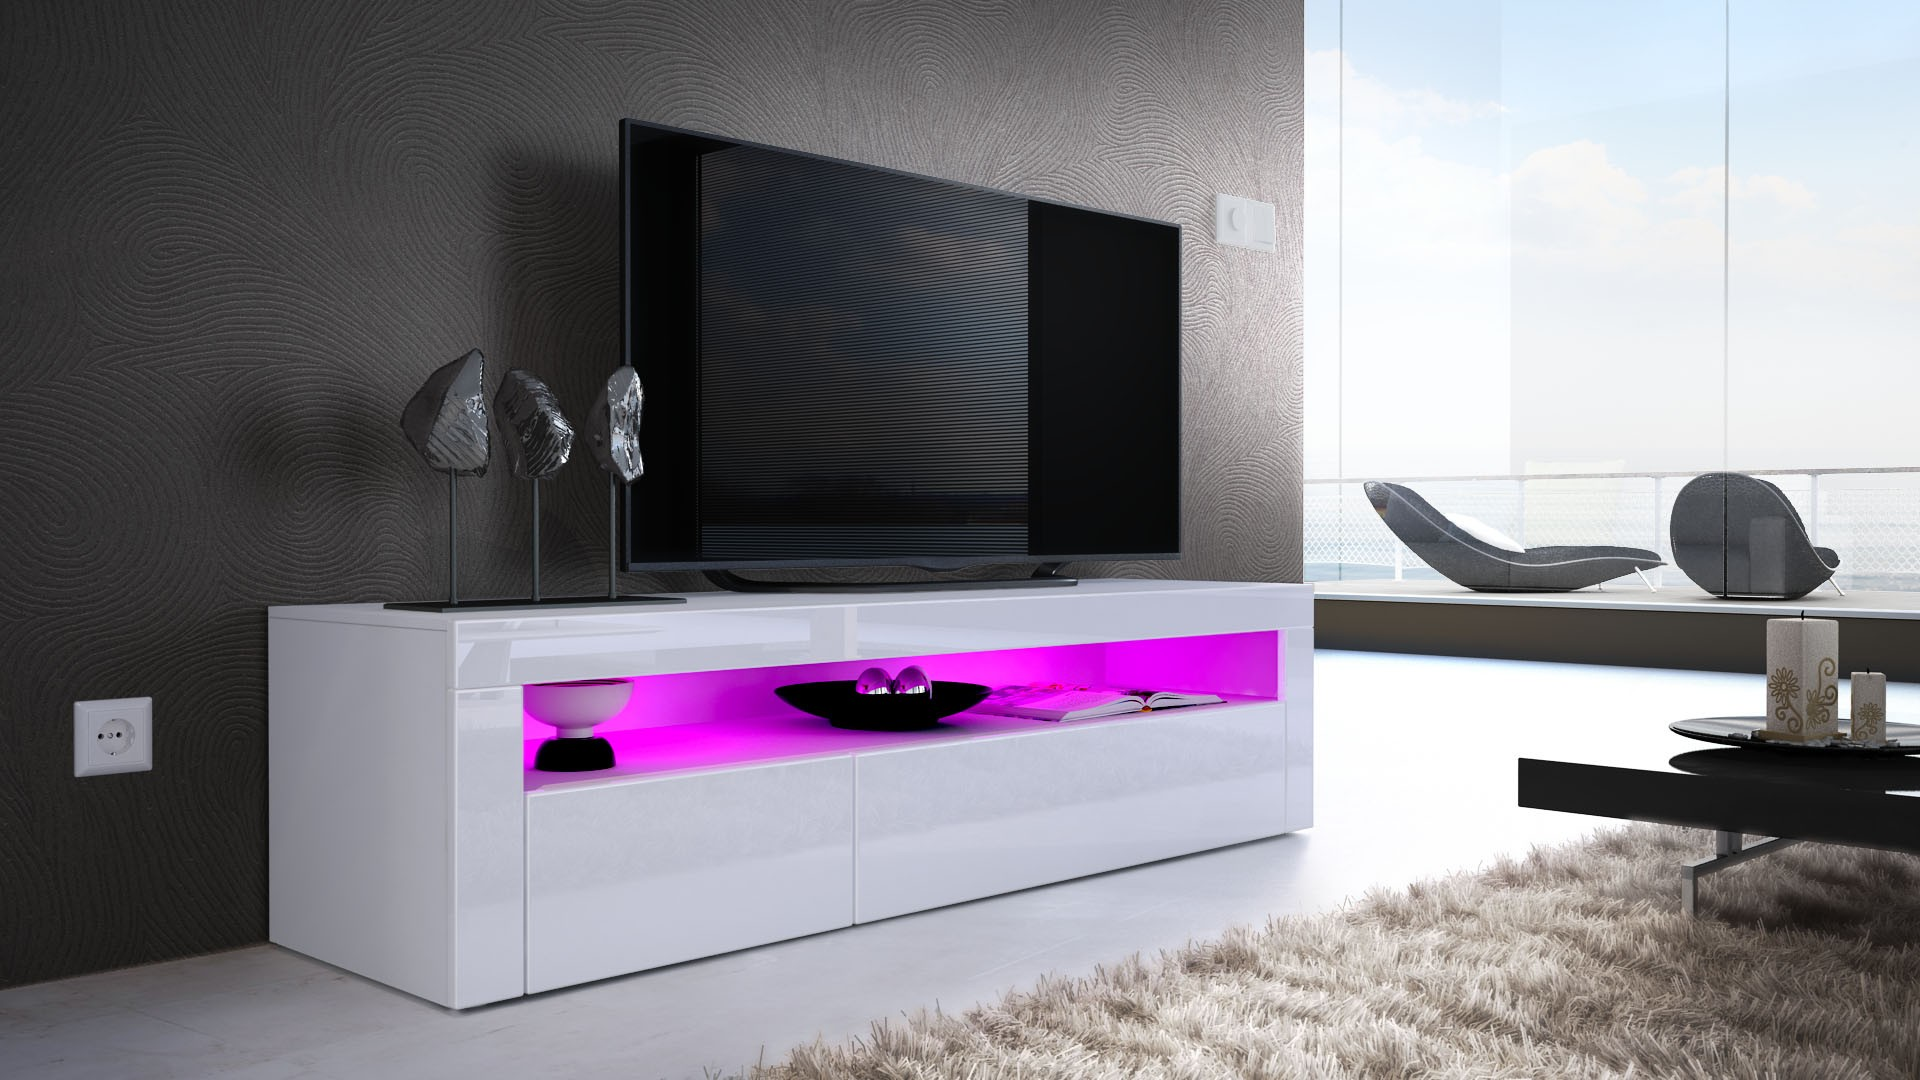 Armoire basse meuble tv armoire id es de d coration de for Armoire meuble tv